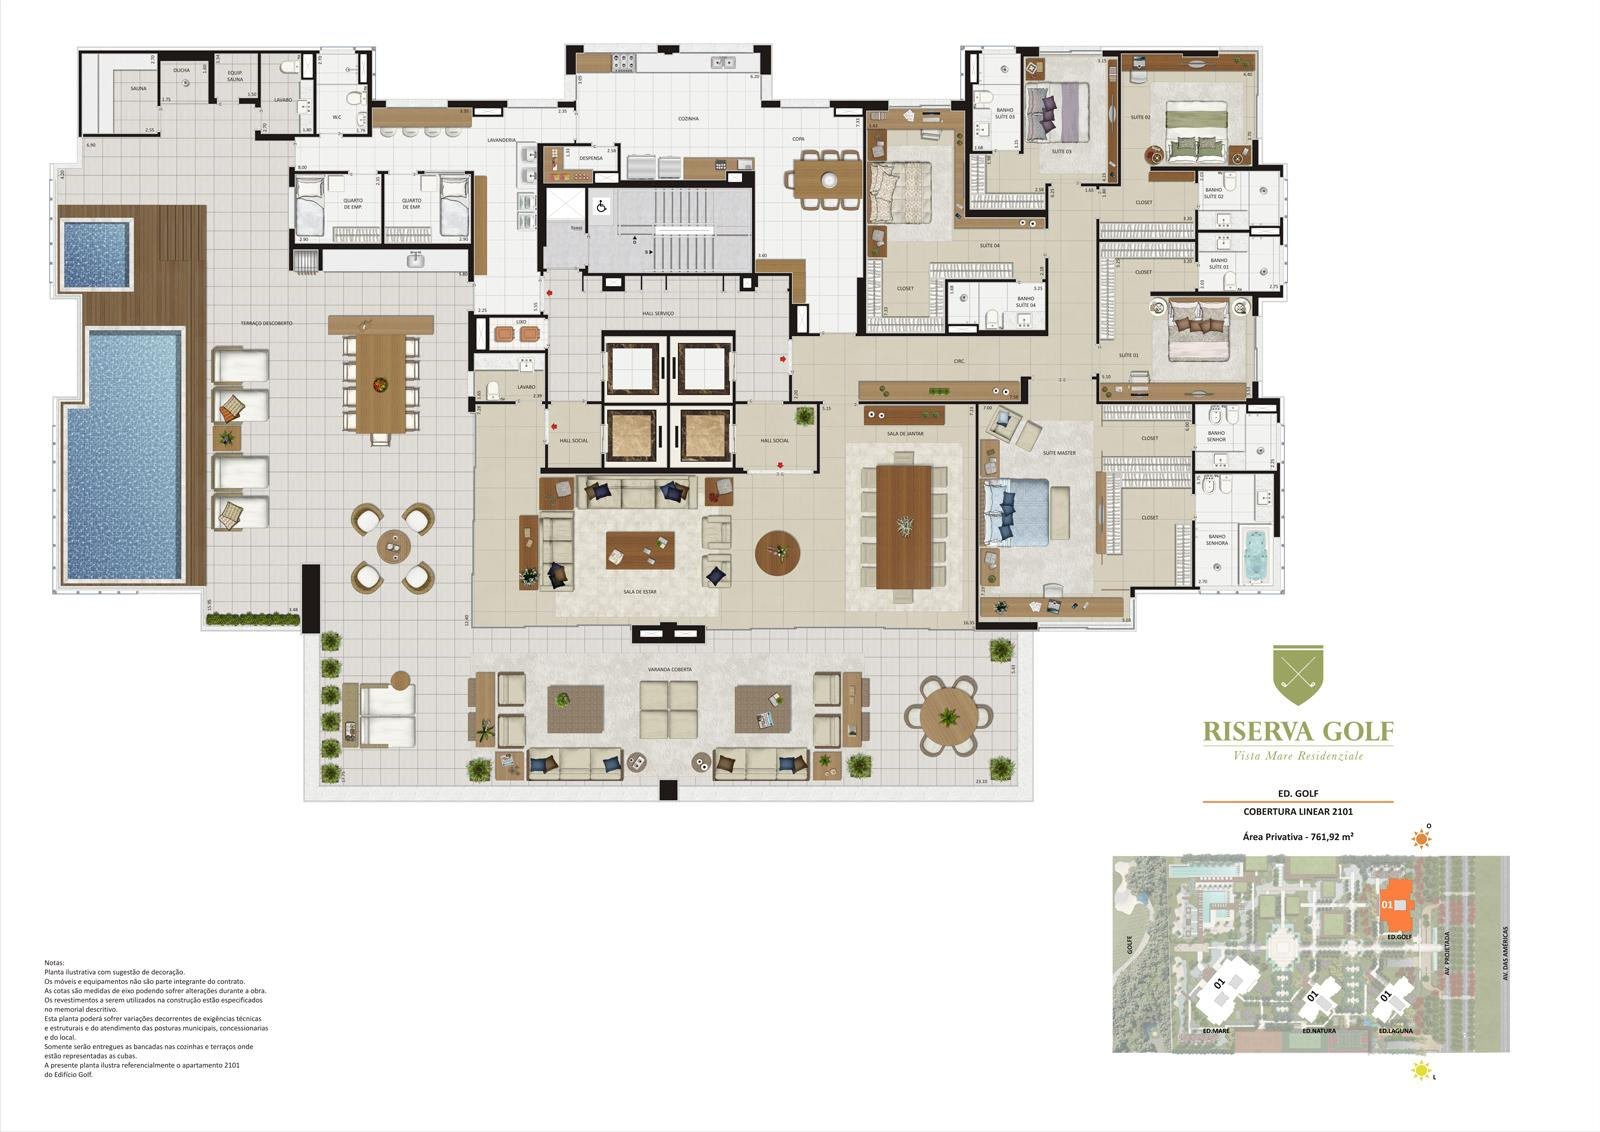 Edifício Golf - Coluna 1 Cobertura linear de 761,92 m² com 5 suítes | Riserva Golf Vista Mare Residenziale – Apartamento na  Barra da Tijuca - Rio de Janeiro - Rio de Janeiro